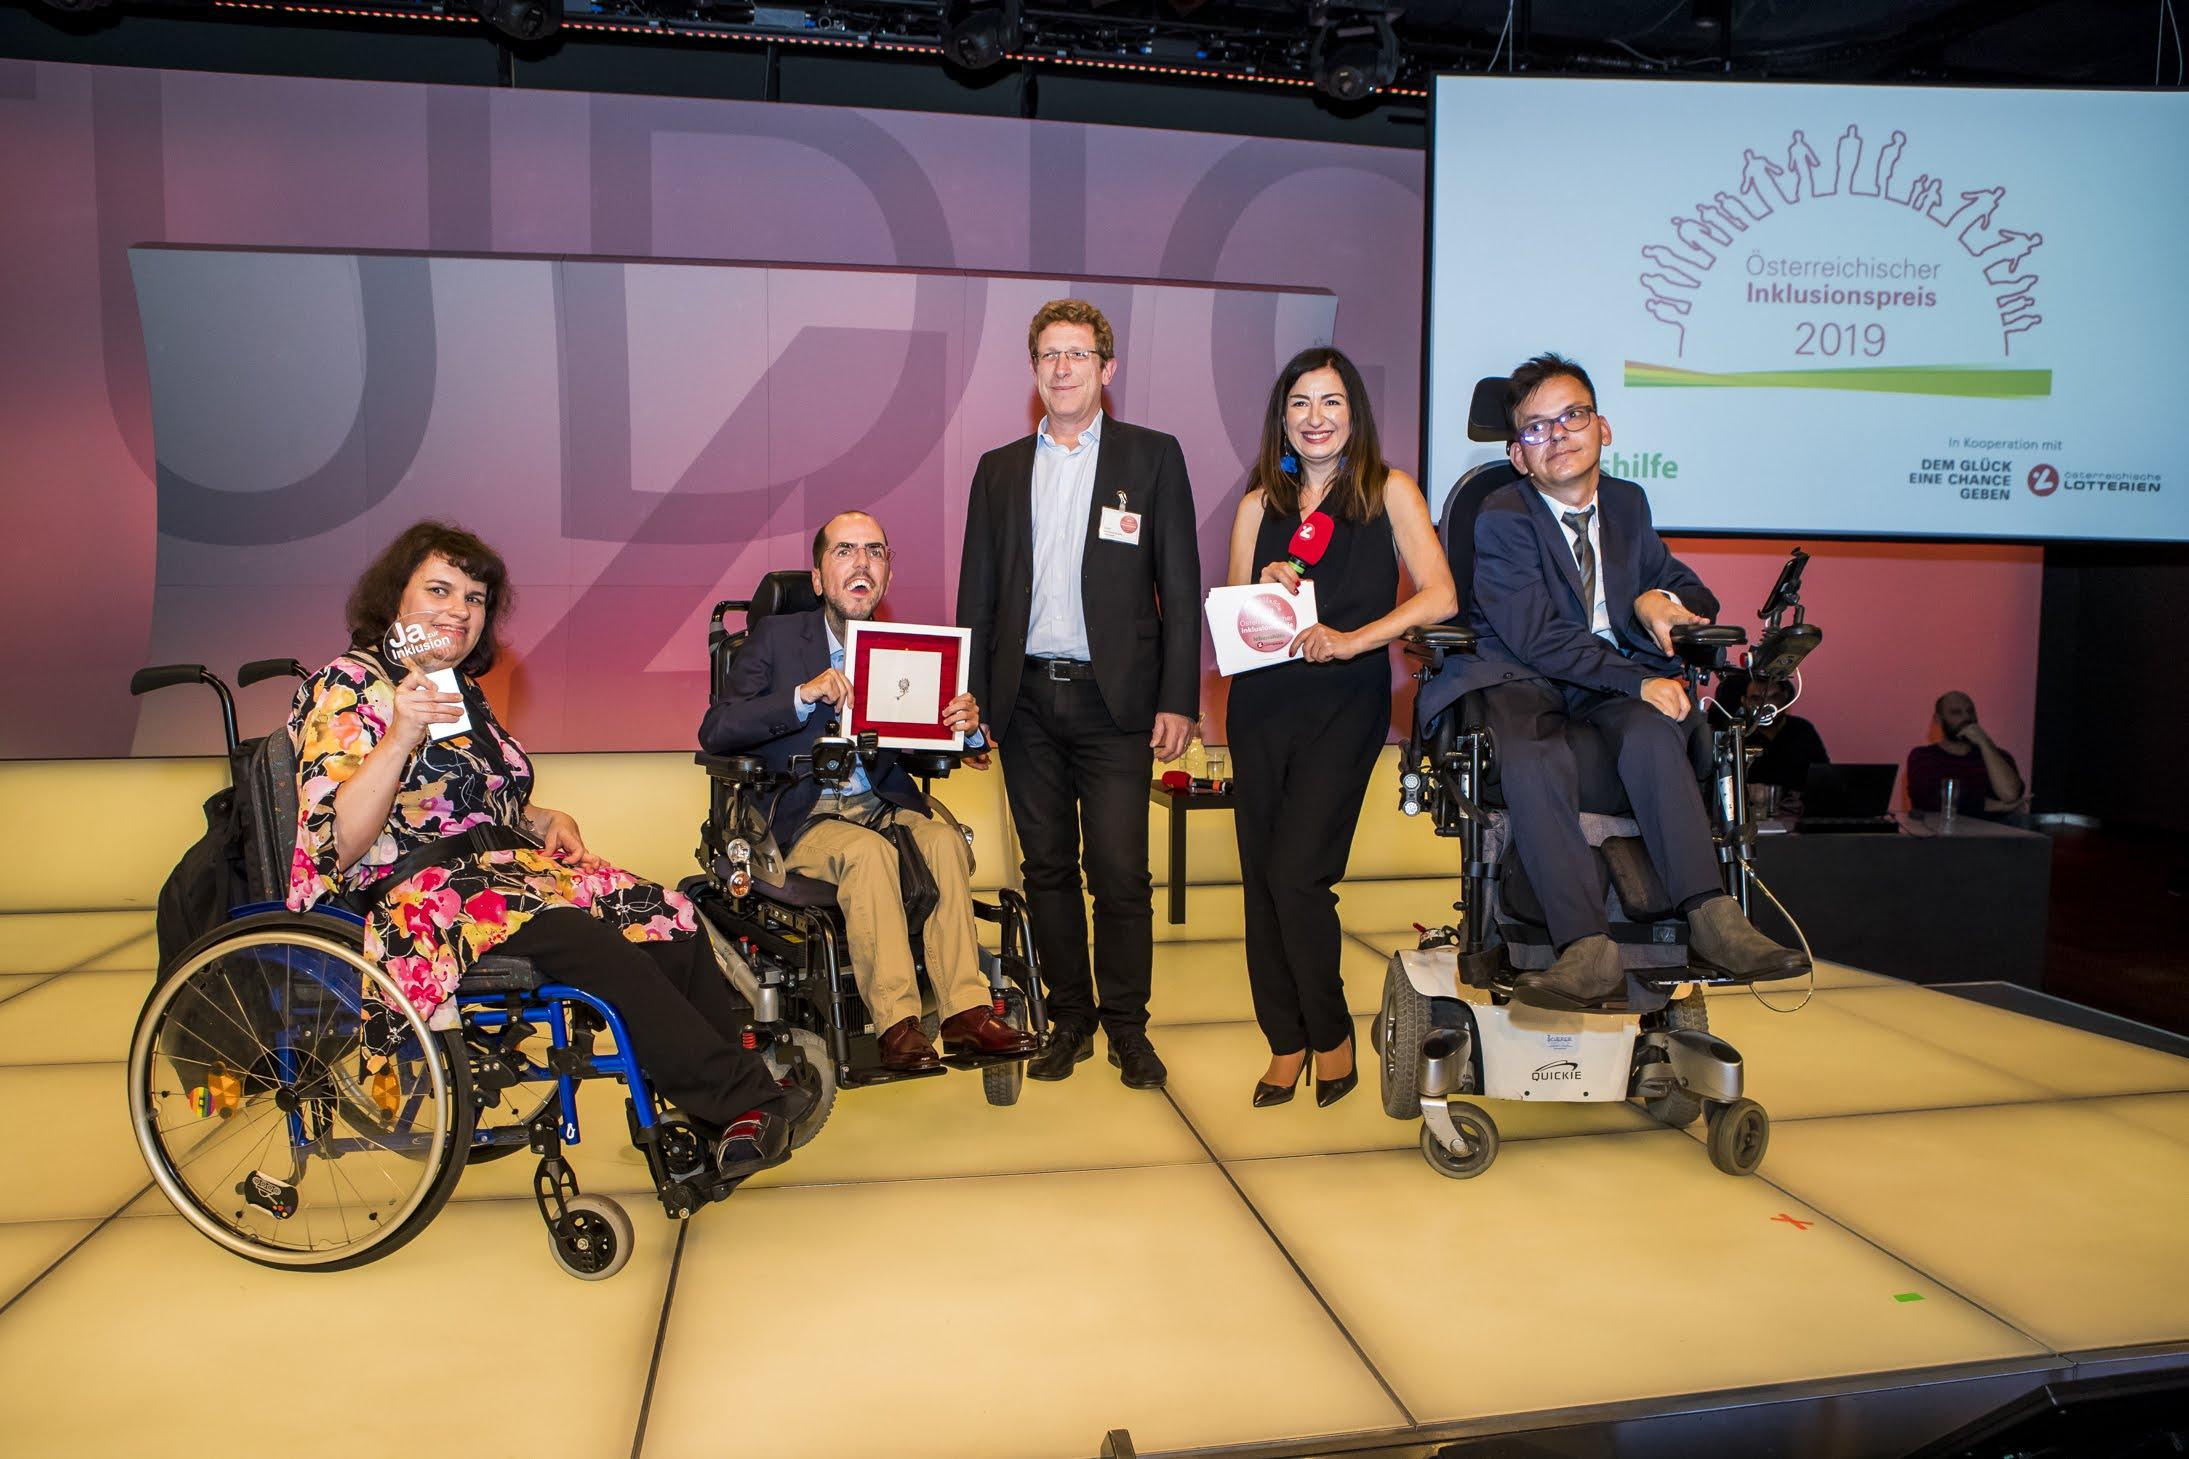 Volksanwalt Bernhard Achitz überreichte Markus Ladstätter und Katharina Müllebner Inklusionspreis 2019